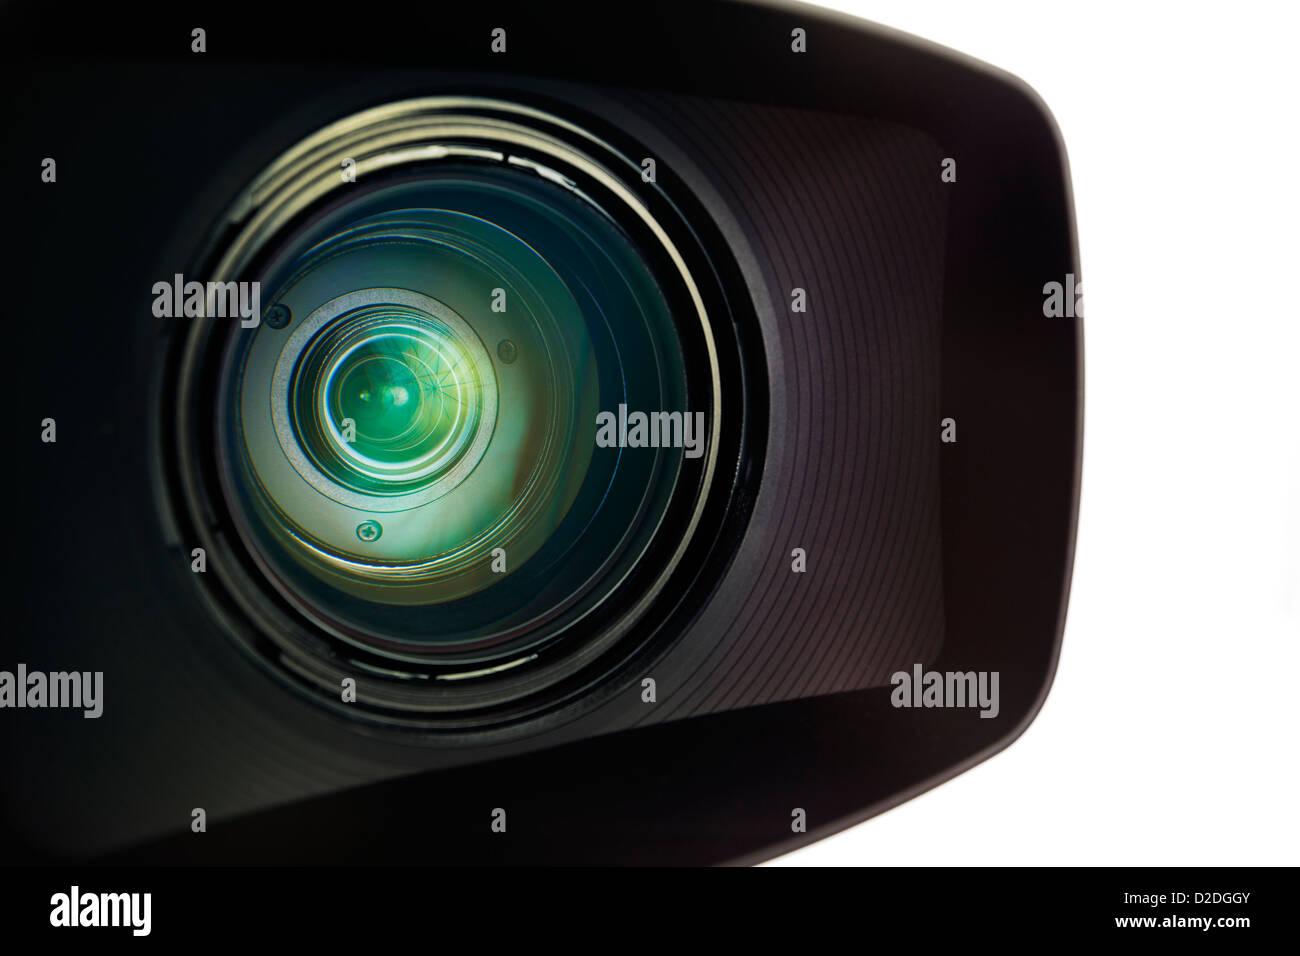 Nahaufnahme der eine professionelle TV-Kamera-Objektiv gegen einen weißen Hintergrund. Stockbild